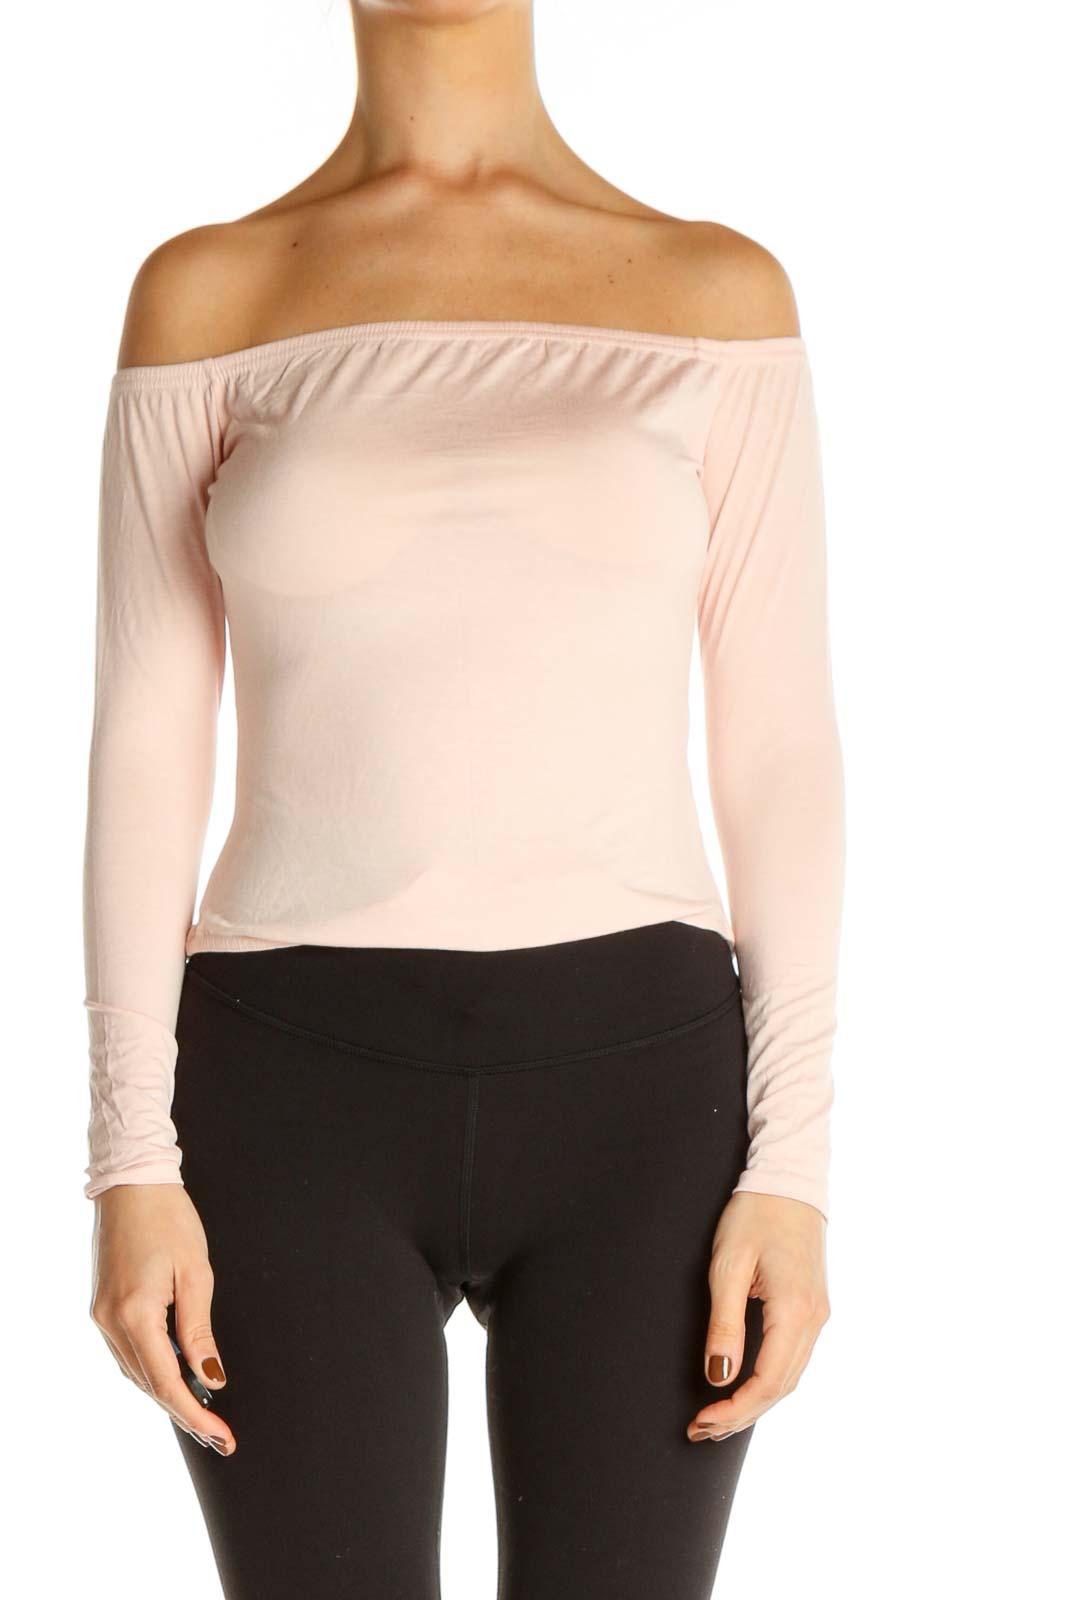 Beige Solid Chic Bodysuit Top Front